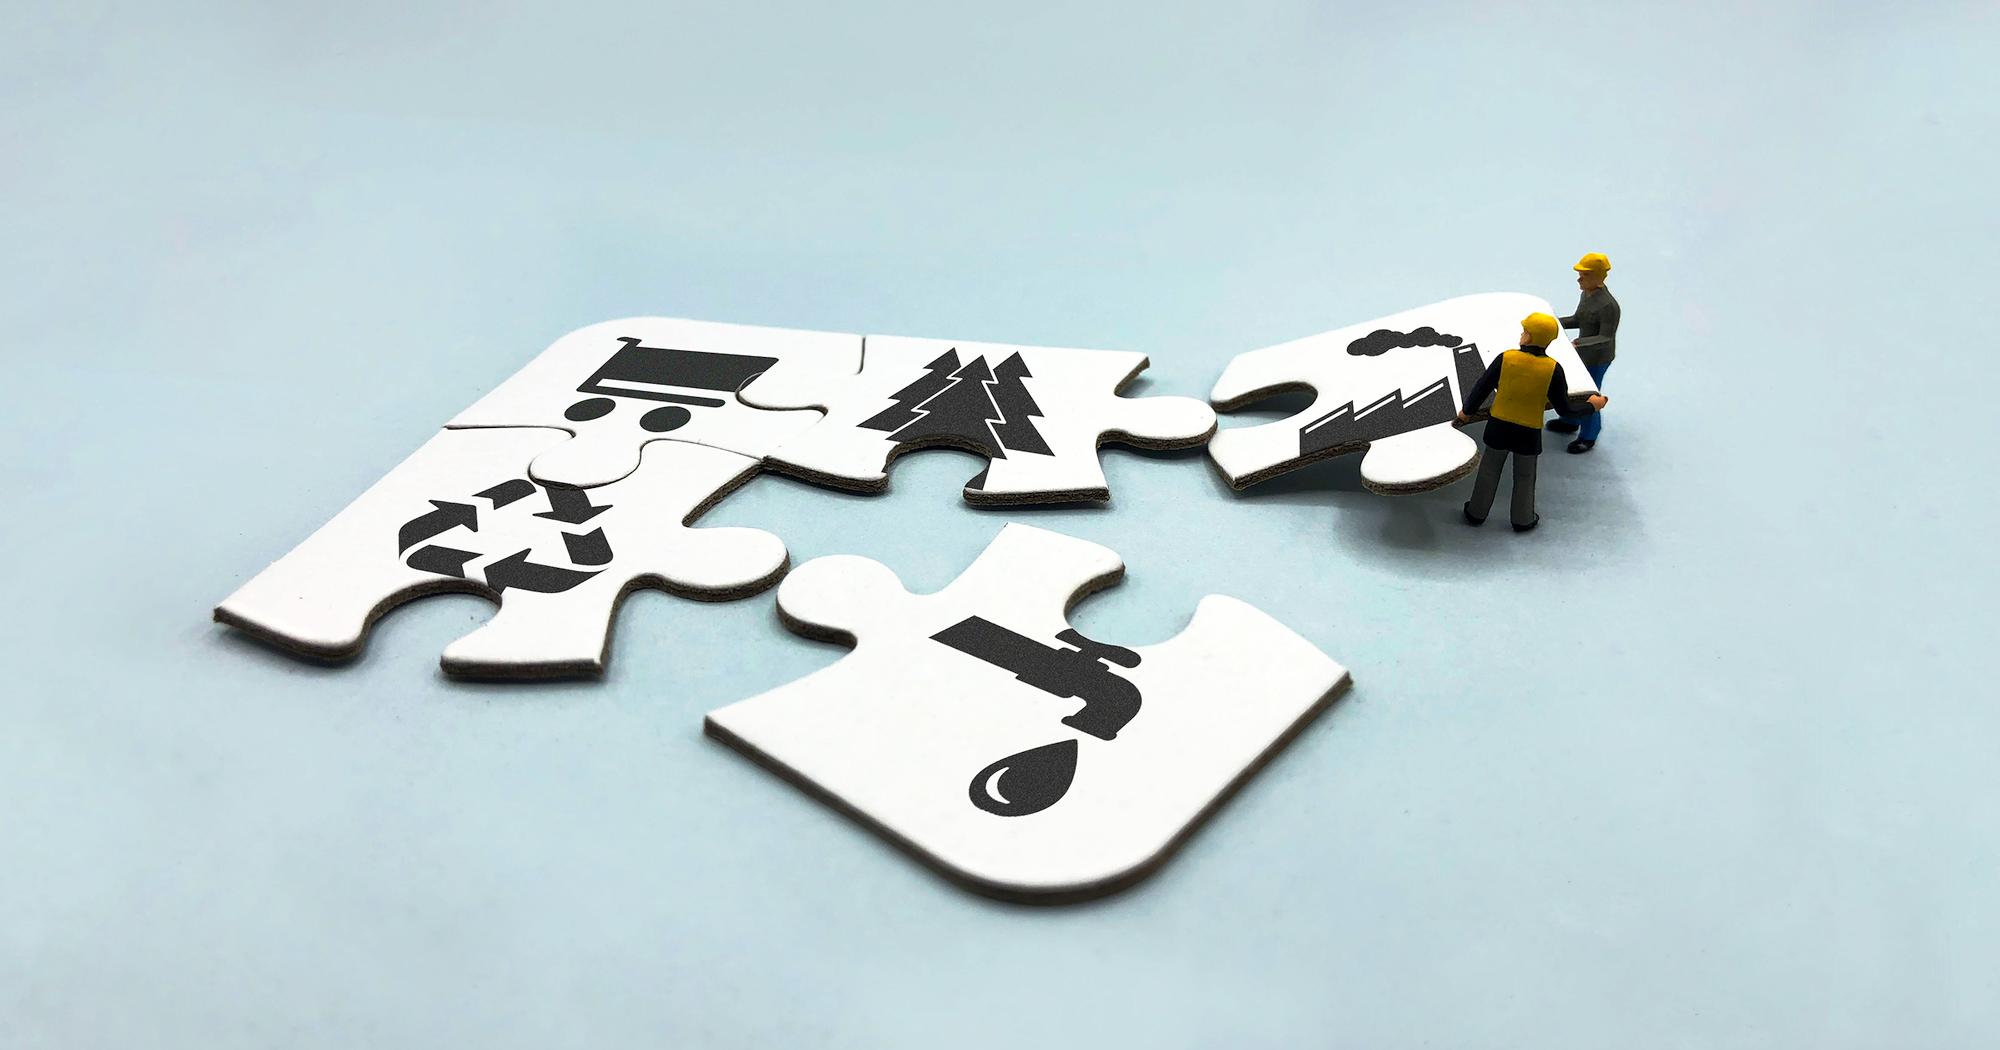 Nachhaltigkeit in Unternehmen umsetzen